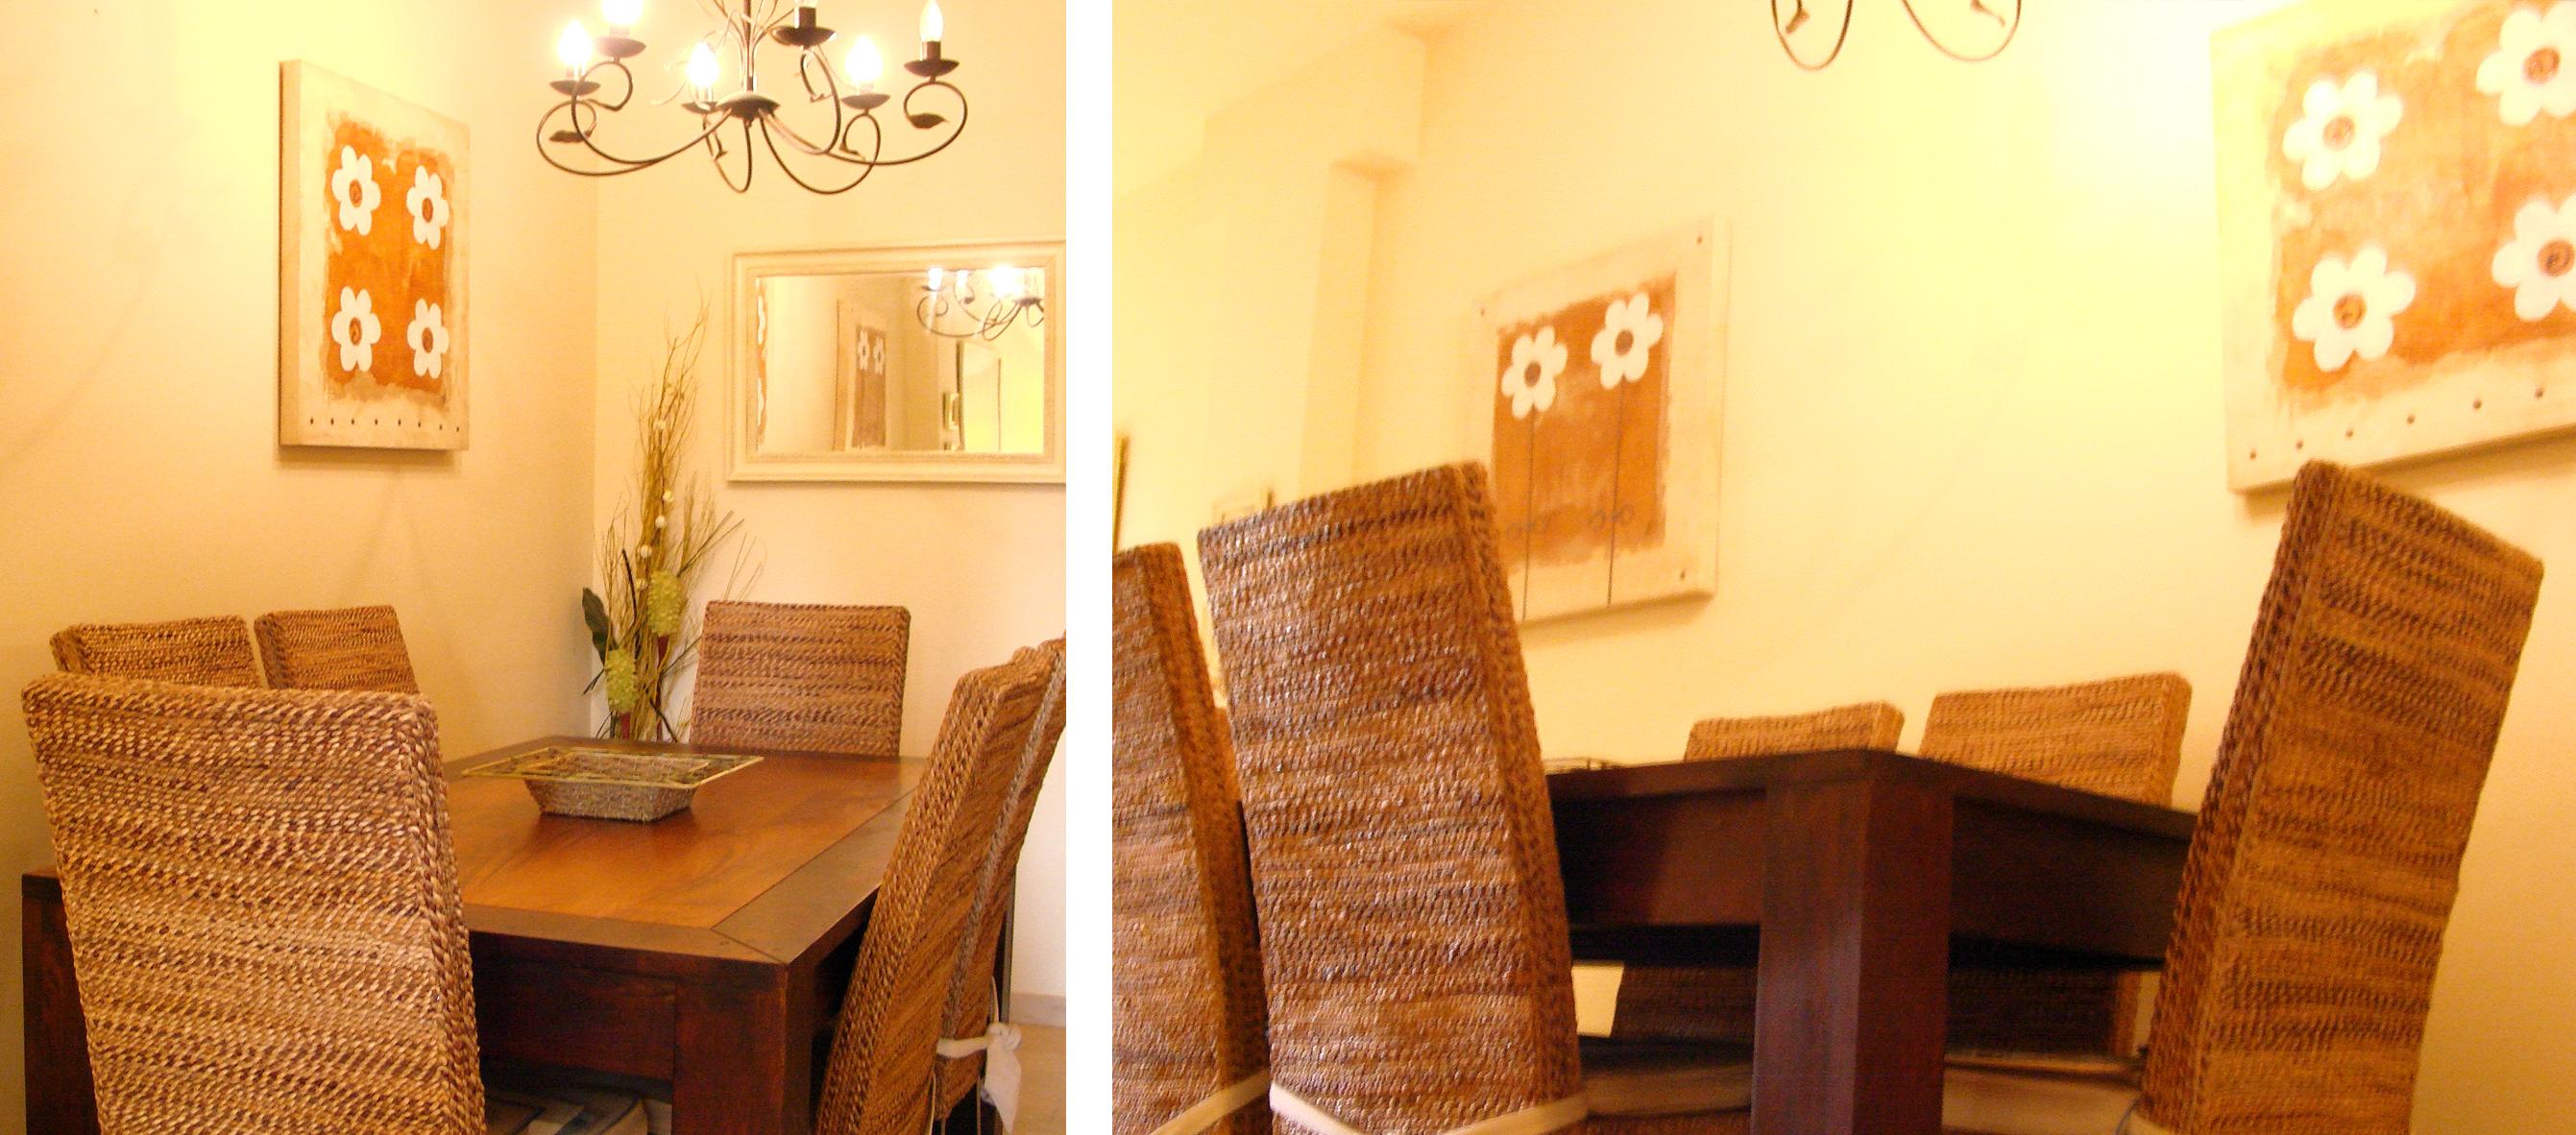 Muebles-rustico-hogar-acogedor